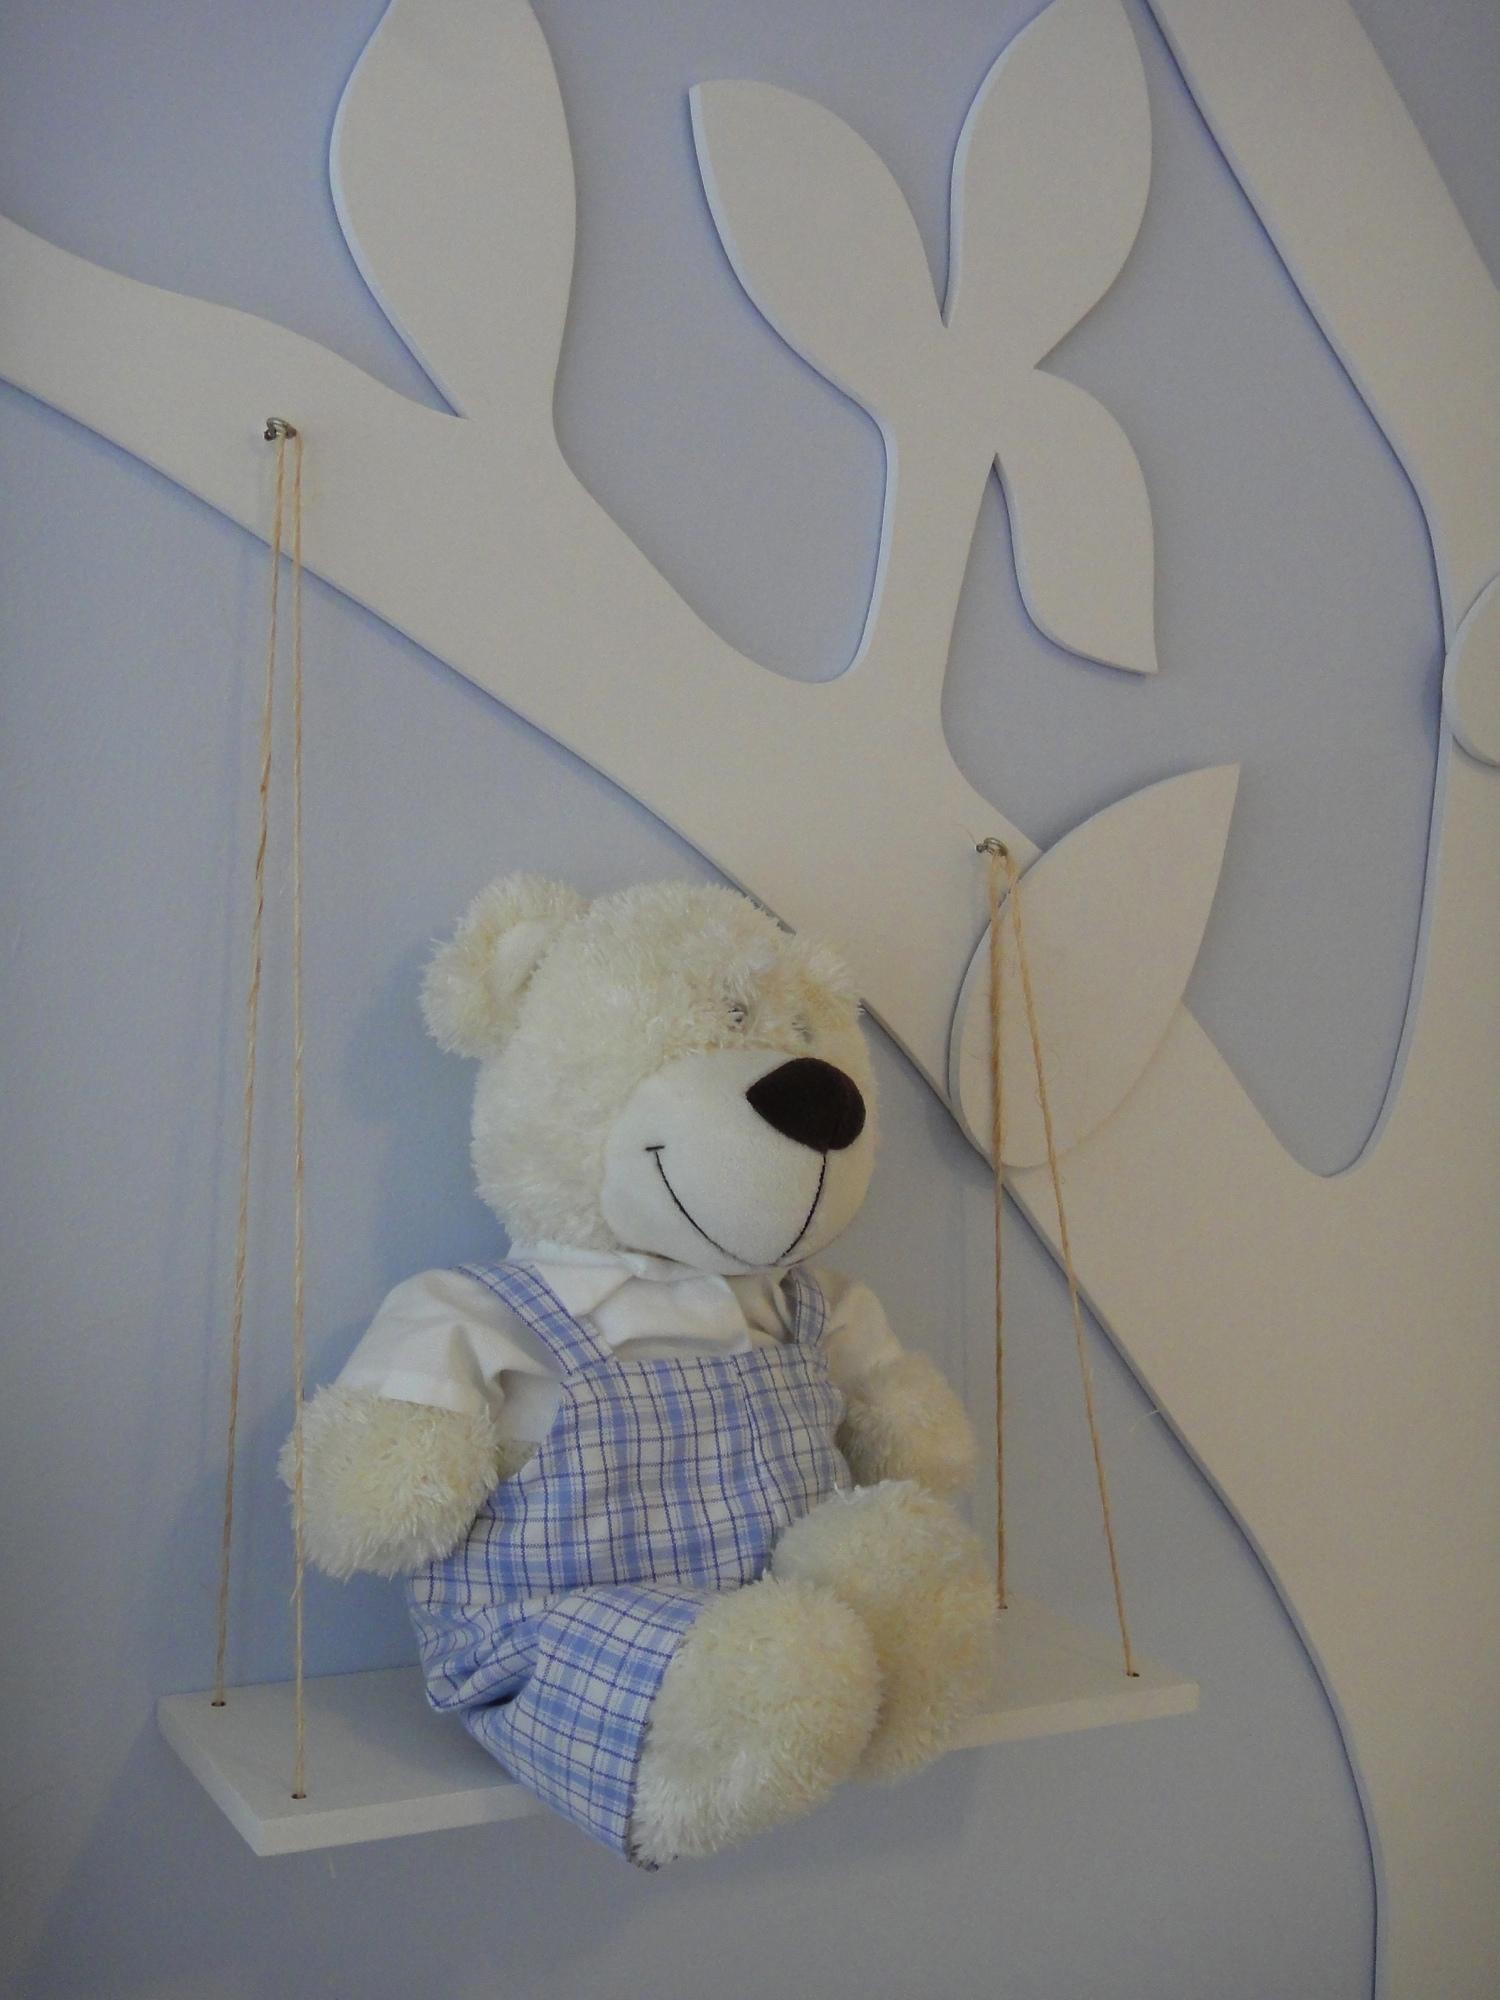 design interiores decoracao quarto bebe: tecidos em todos os móveis do quarto , para manter a unidade visual